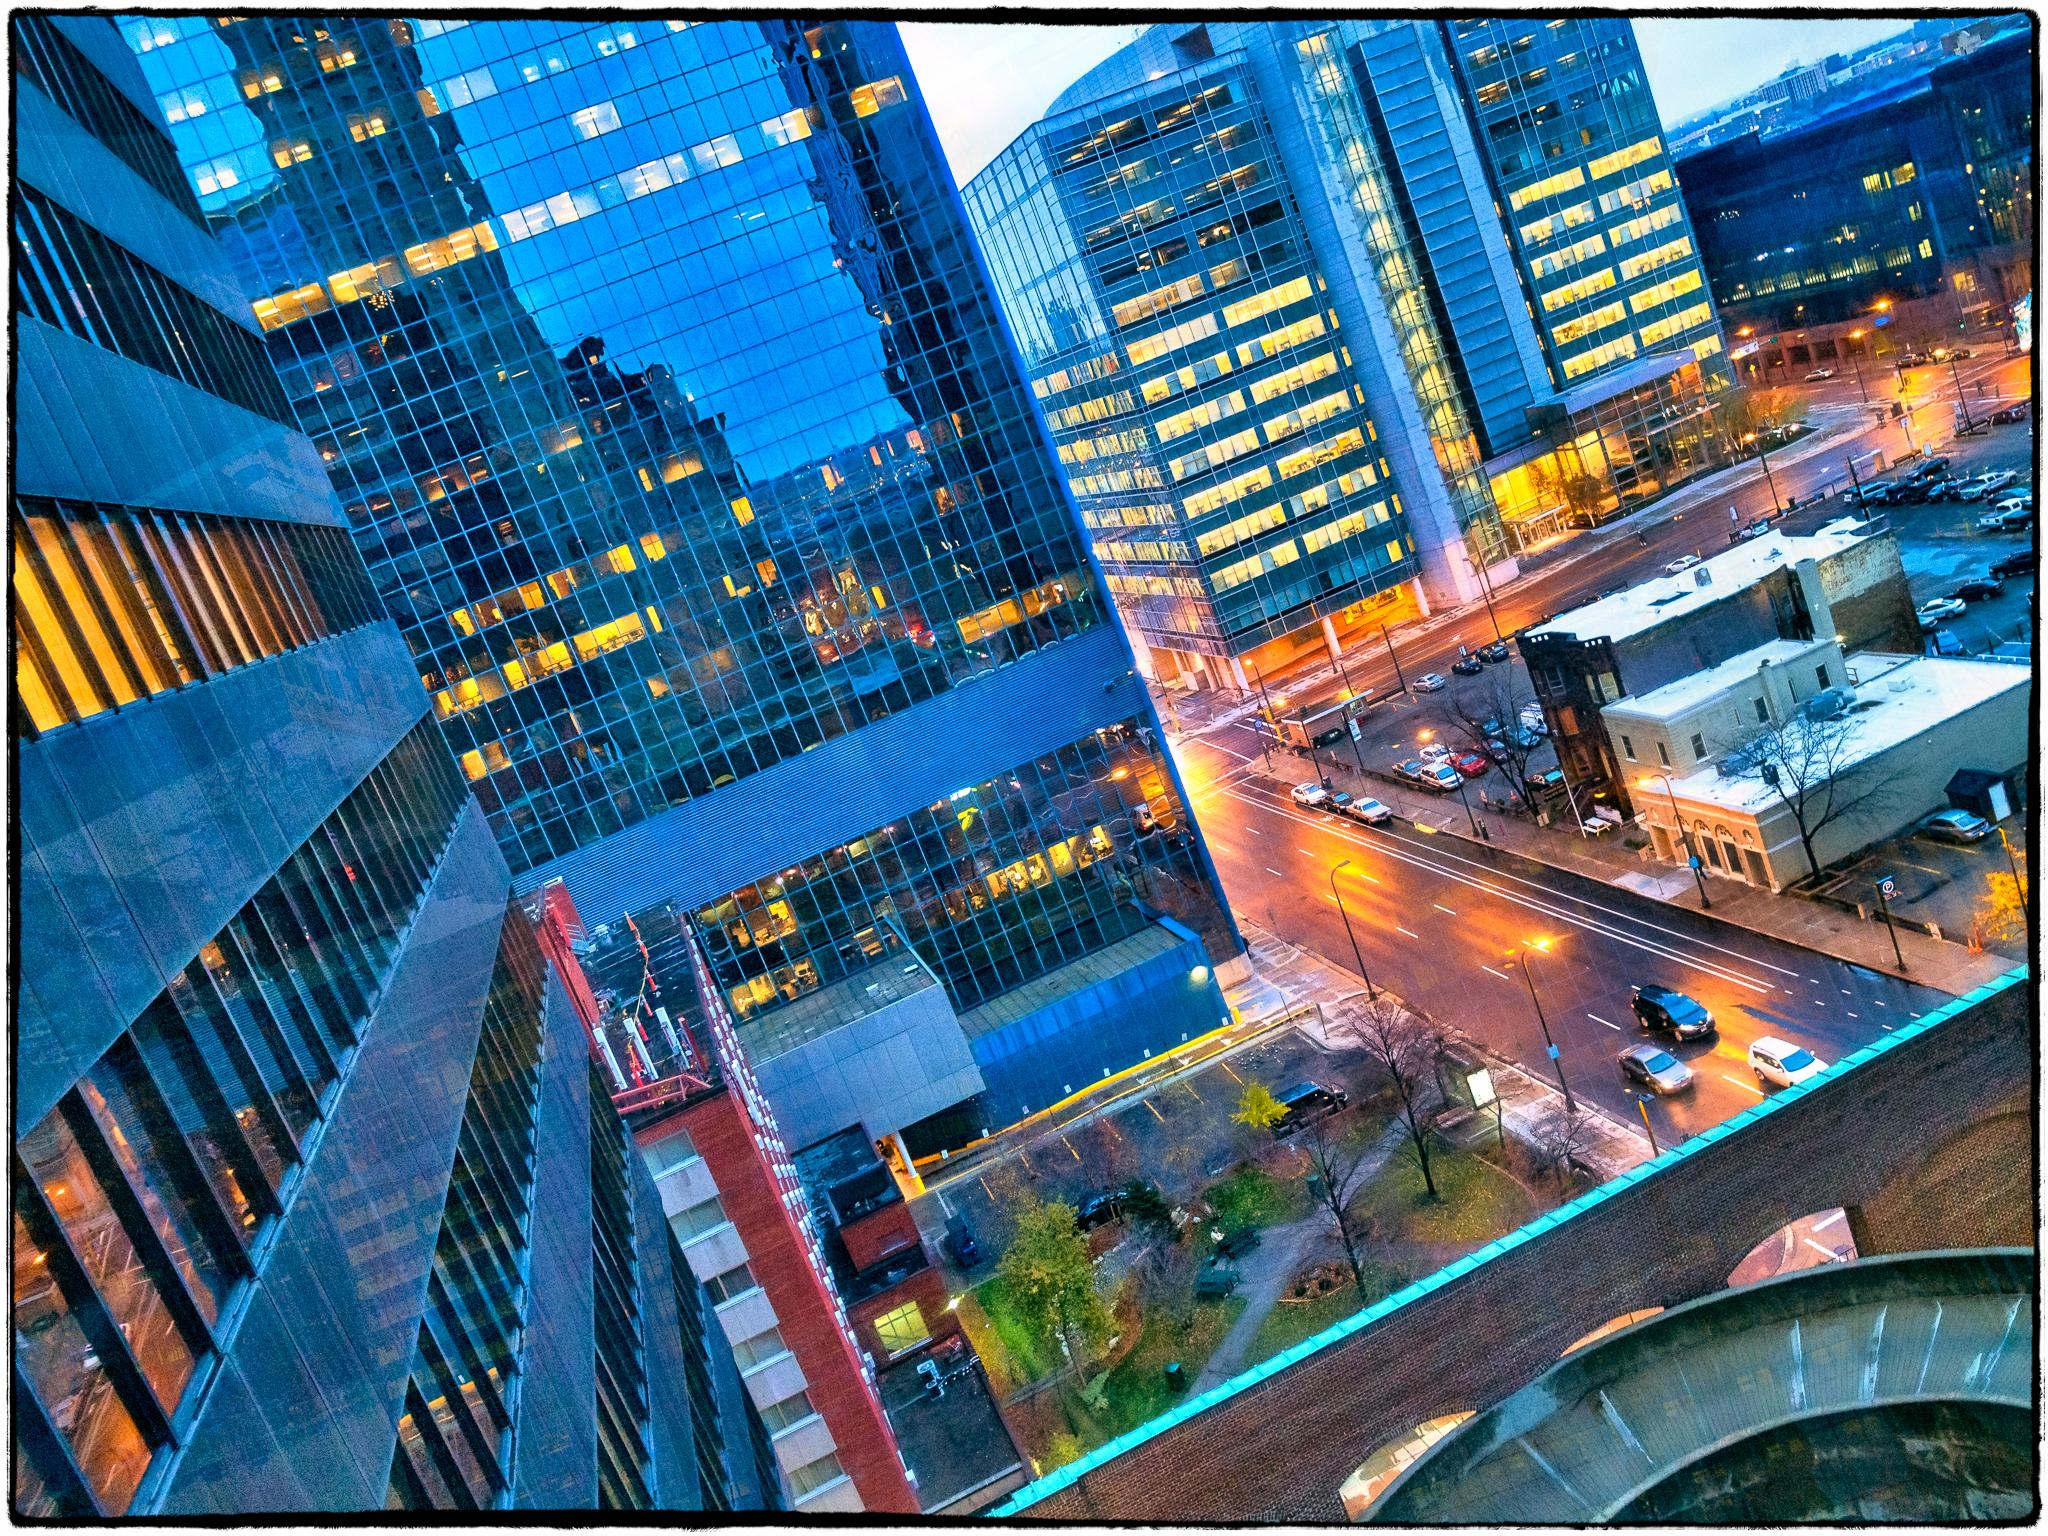 Hintergrundbilder : Stadt, Morgen, blau, rot, städtisch, Weiß ...